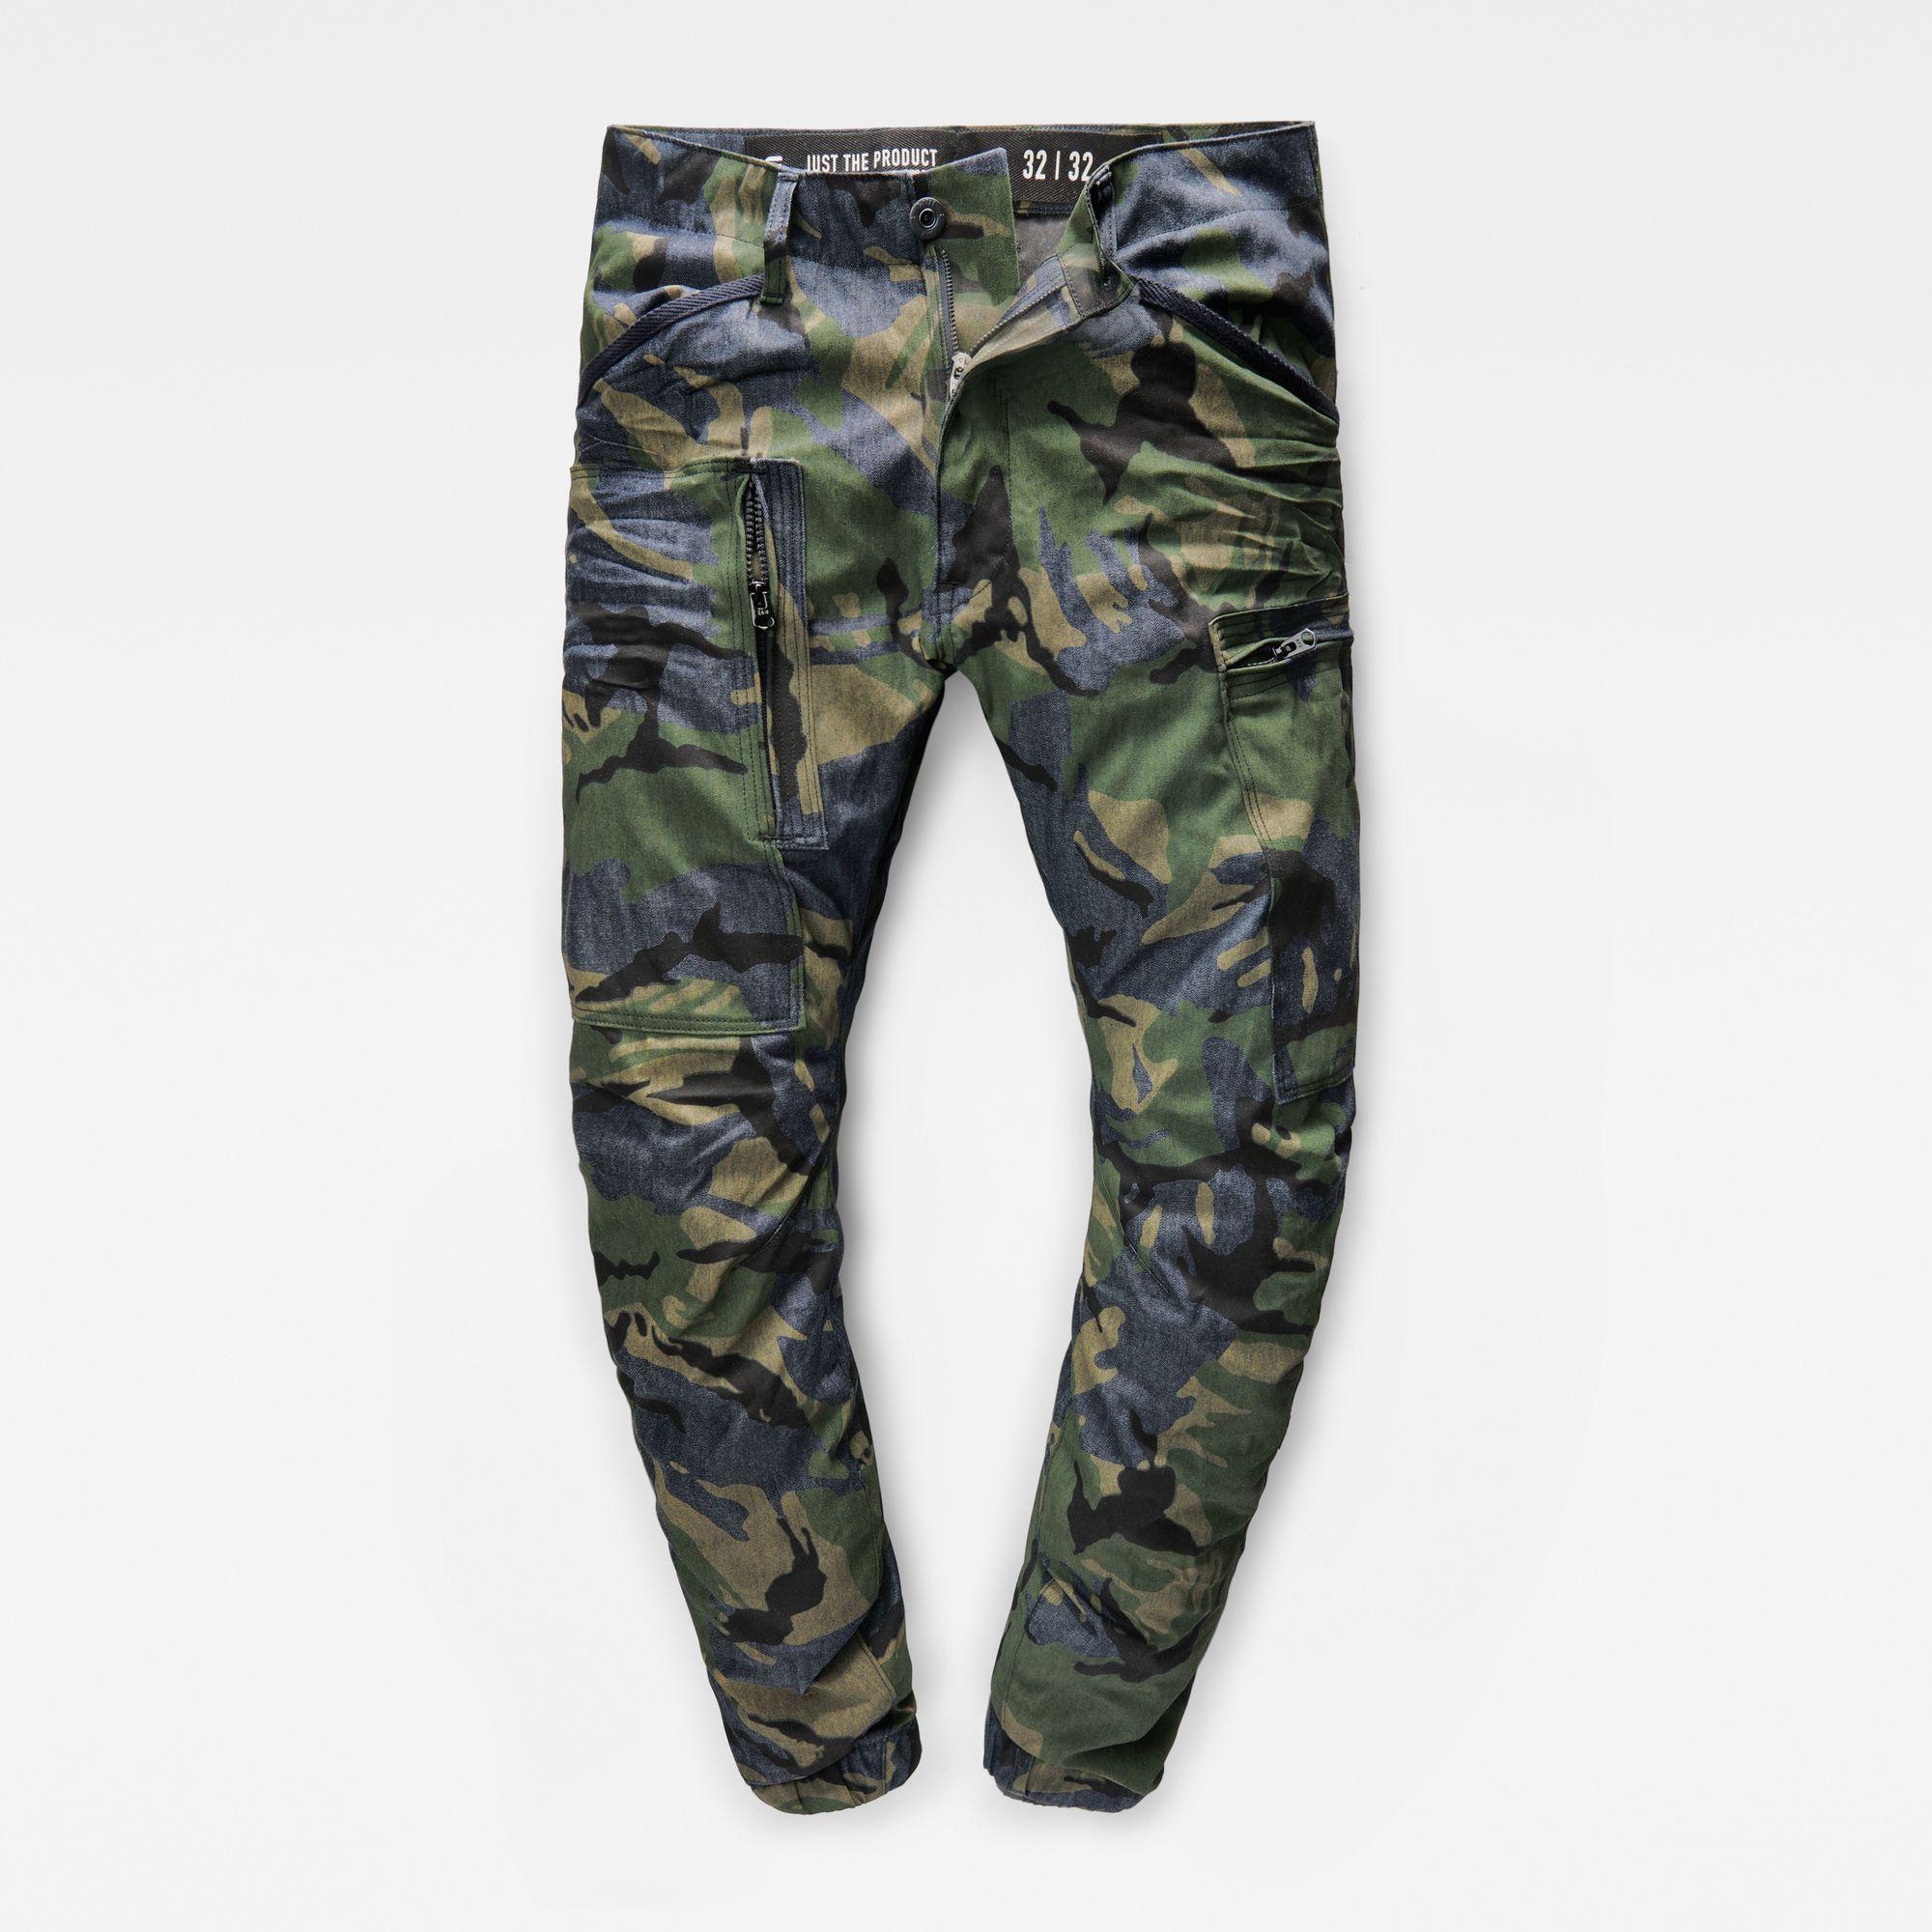 Powel 3D Tapered Cuffed Pants | G star raw jeans, Raw